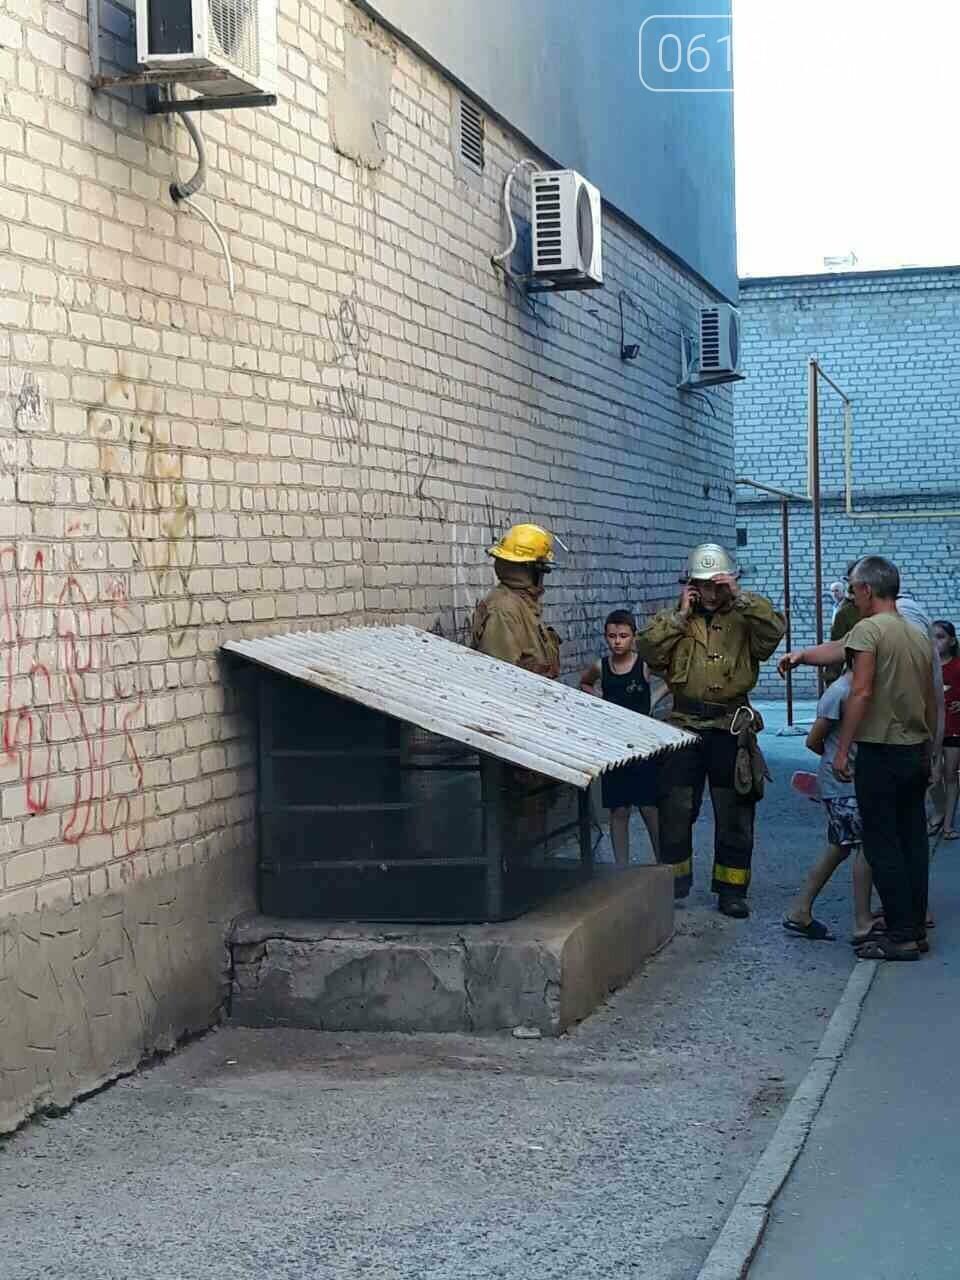 Мелитопольские спасатели потушили пожар в подвале многоэтажки, - ФОТО , фото-5